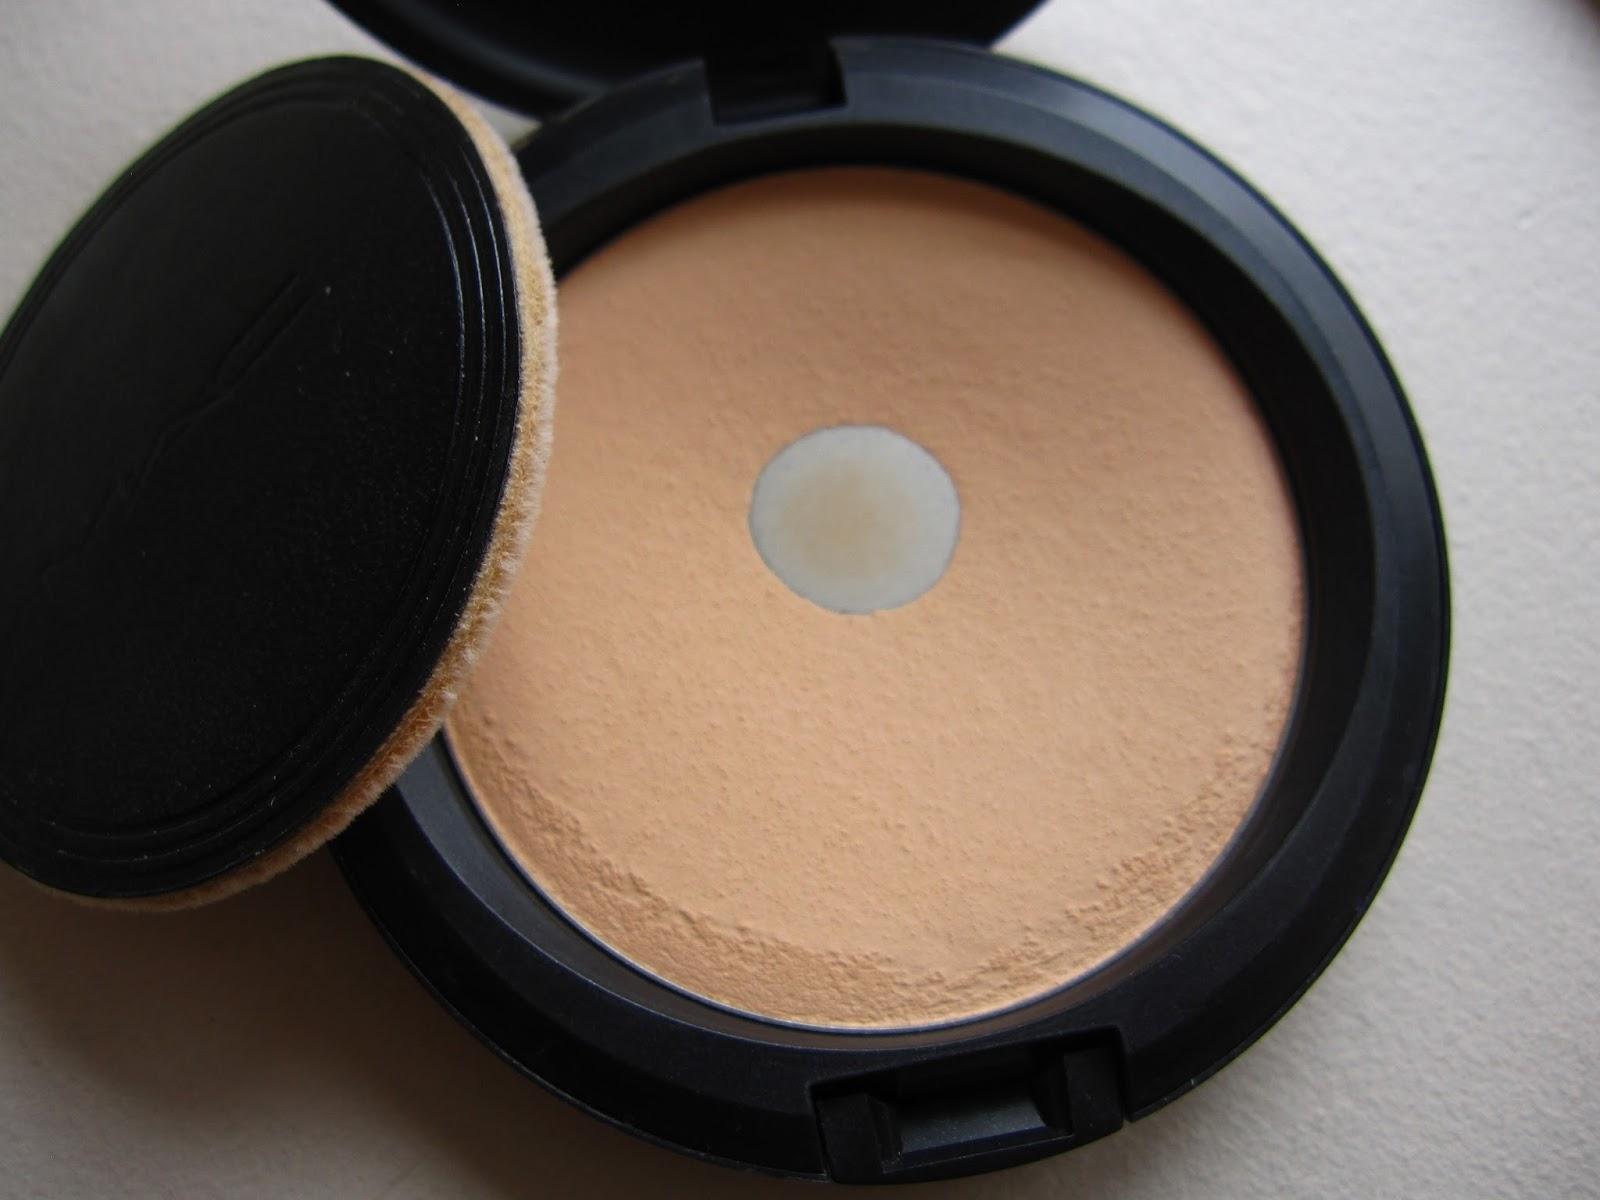 MAC Studio Careblend Pressed Powder |A Beautiful Zen